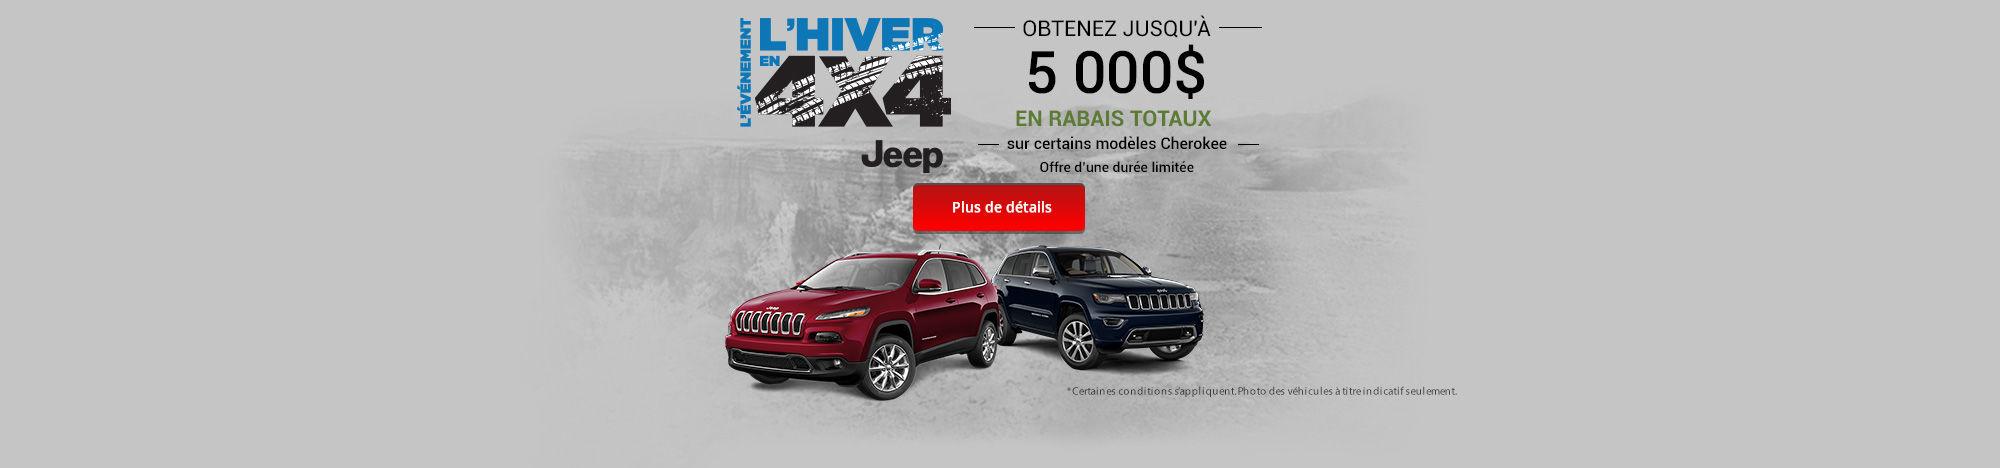 L'événement l'hiver en 4x4- Jeep